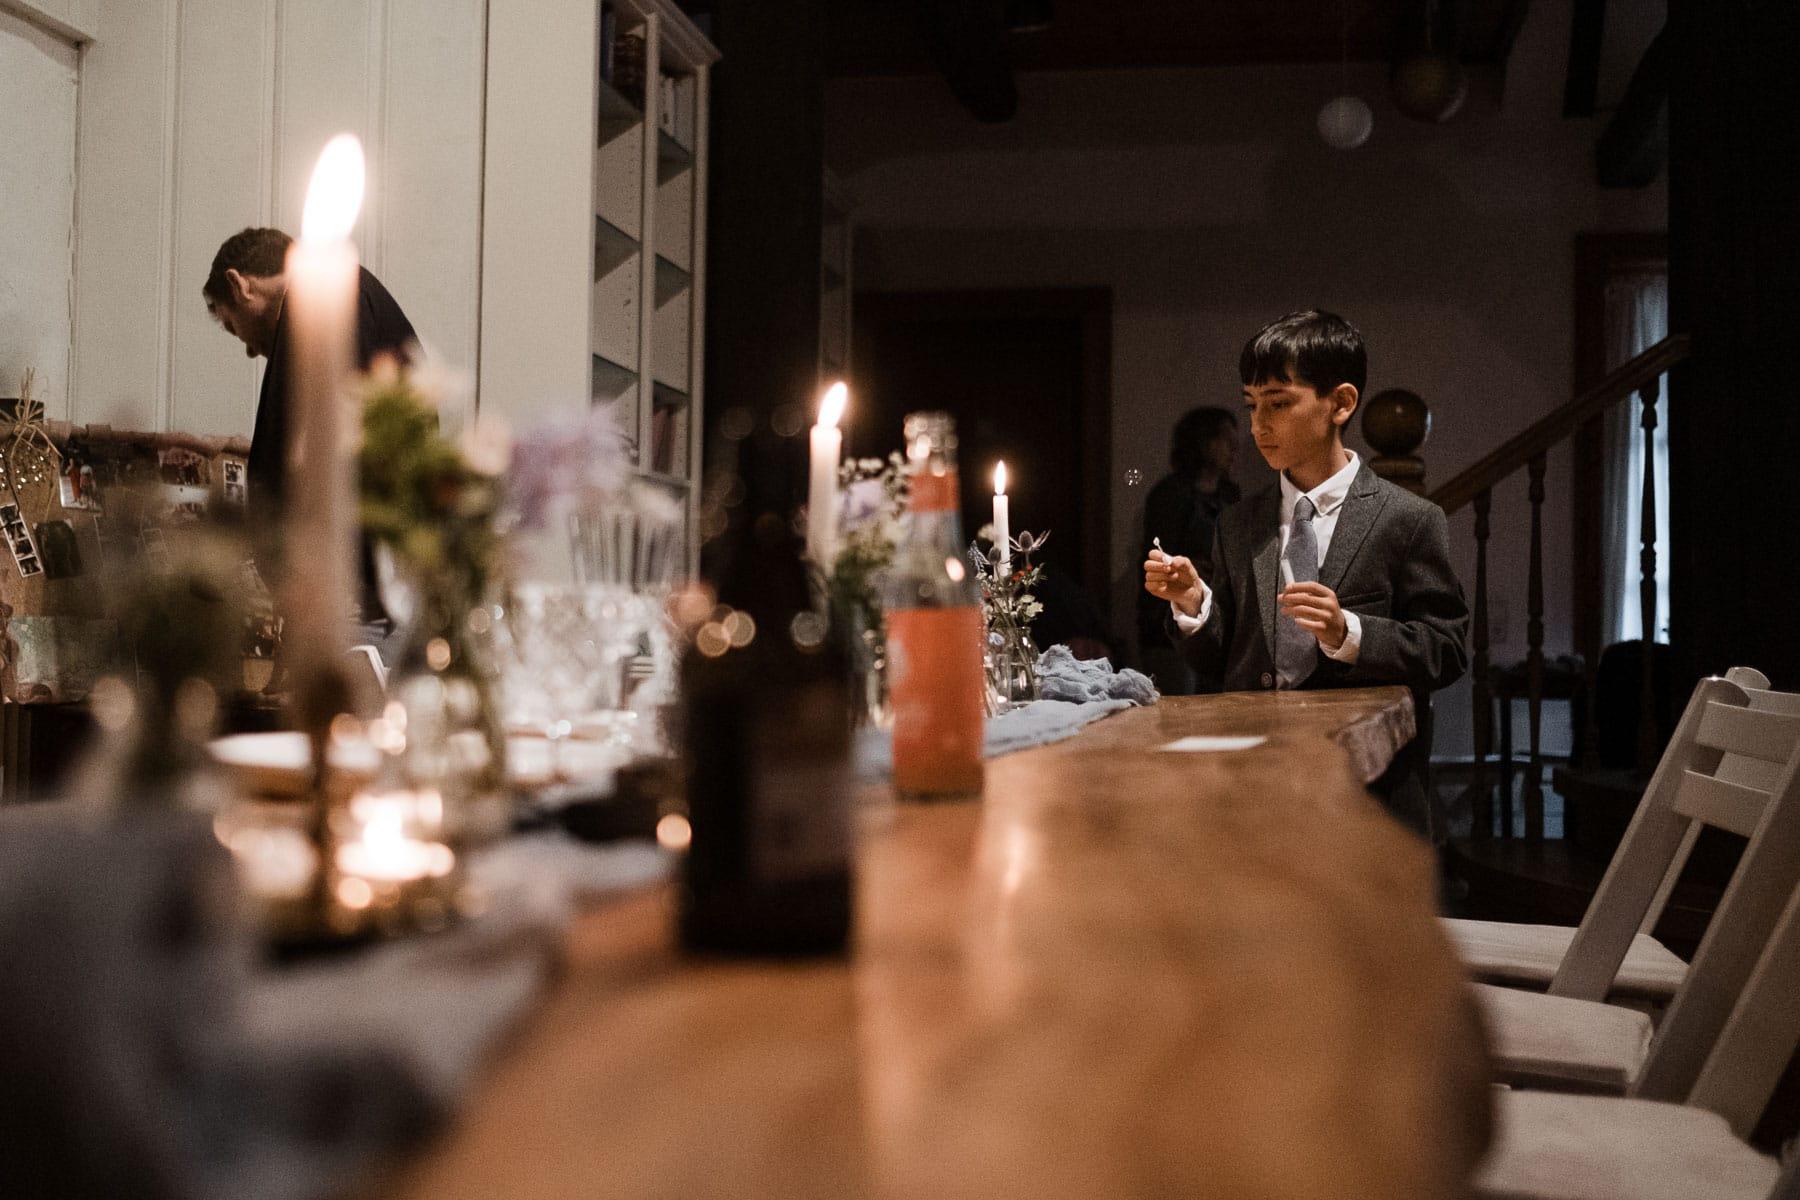 ein kleiner Junge steht am Ende einer großen Holztafel, auf dem langen Tisch stehen Kerzenständer und Blumenvasen